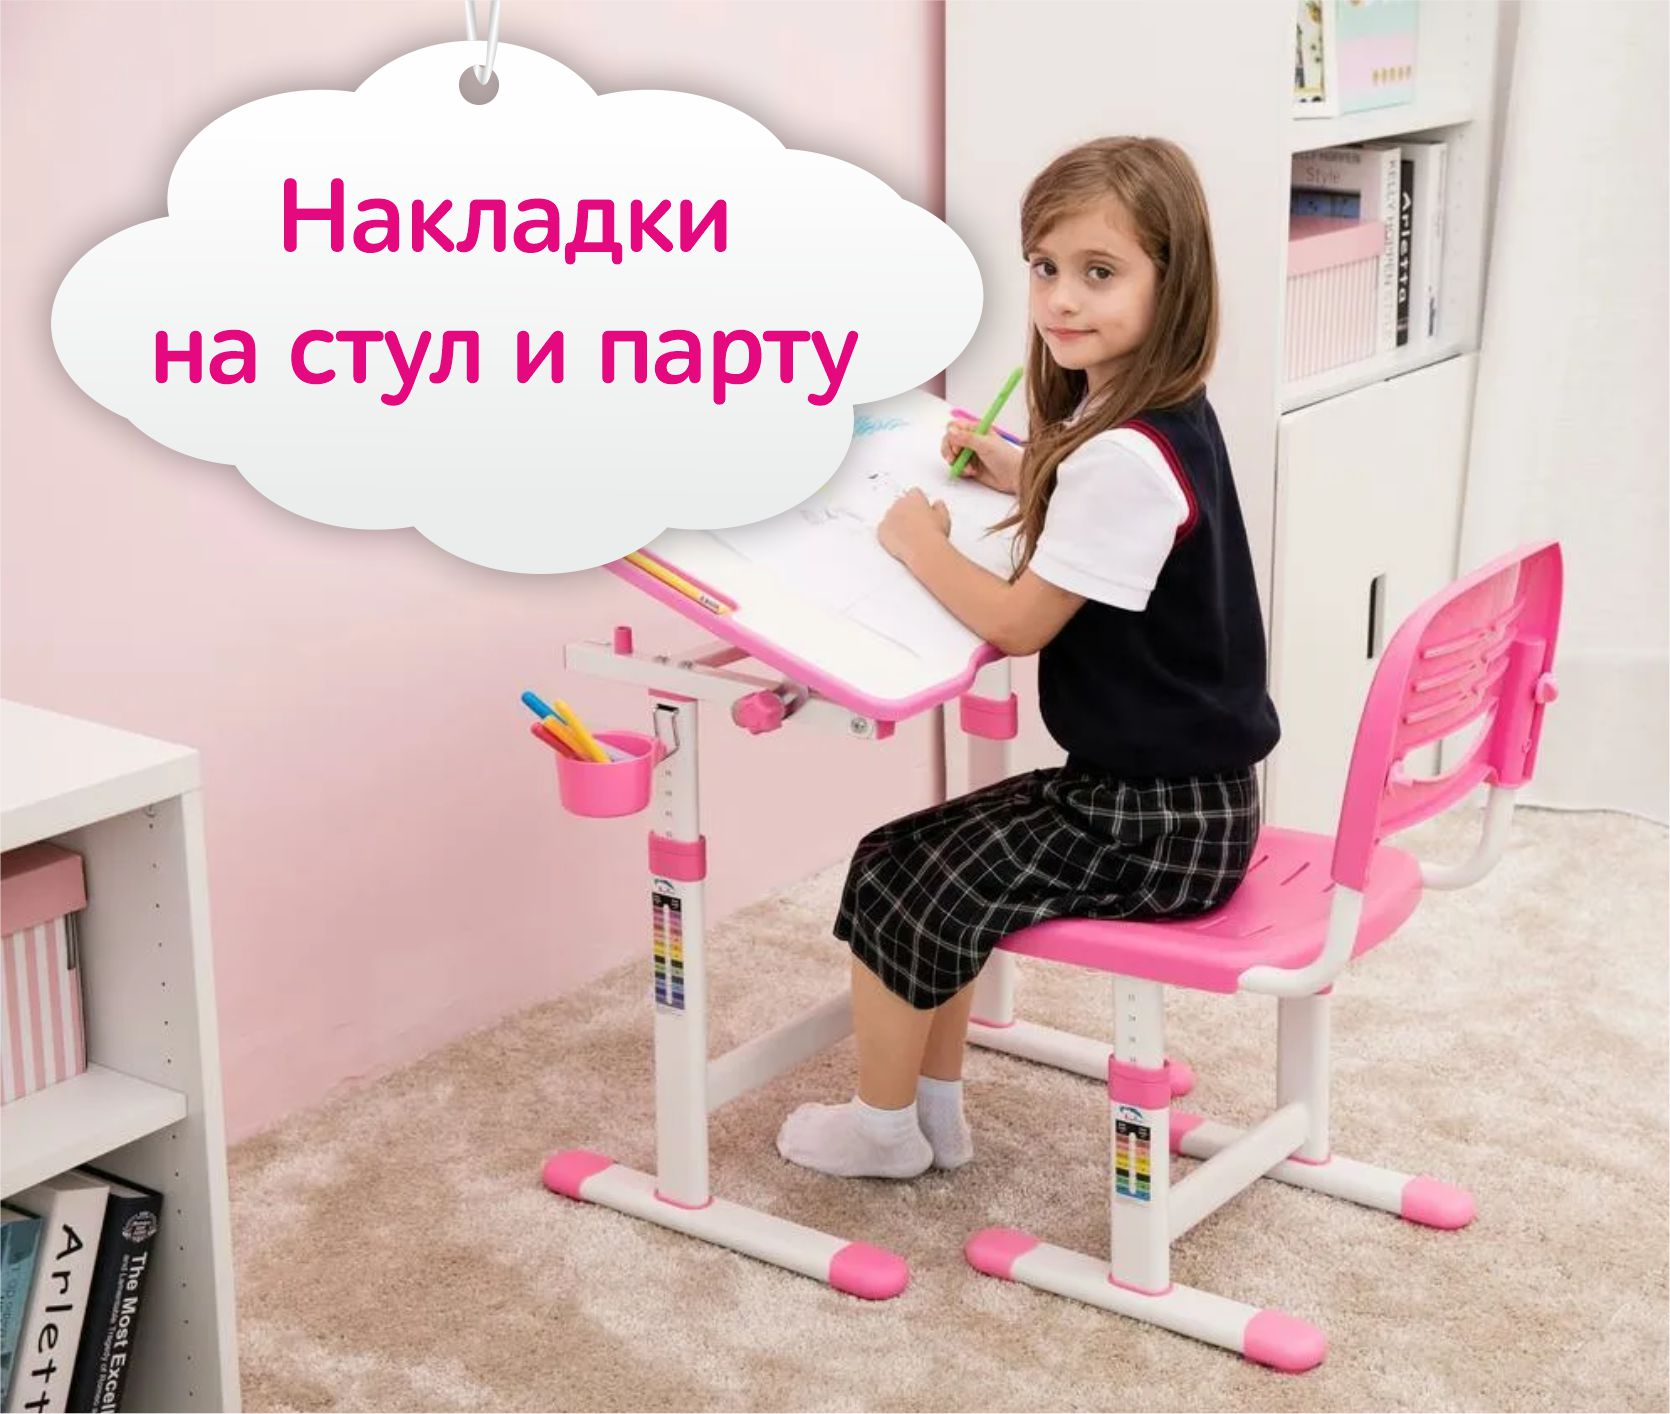 Мебель, Столы и стулья, Парты и письменные столы, детские